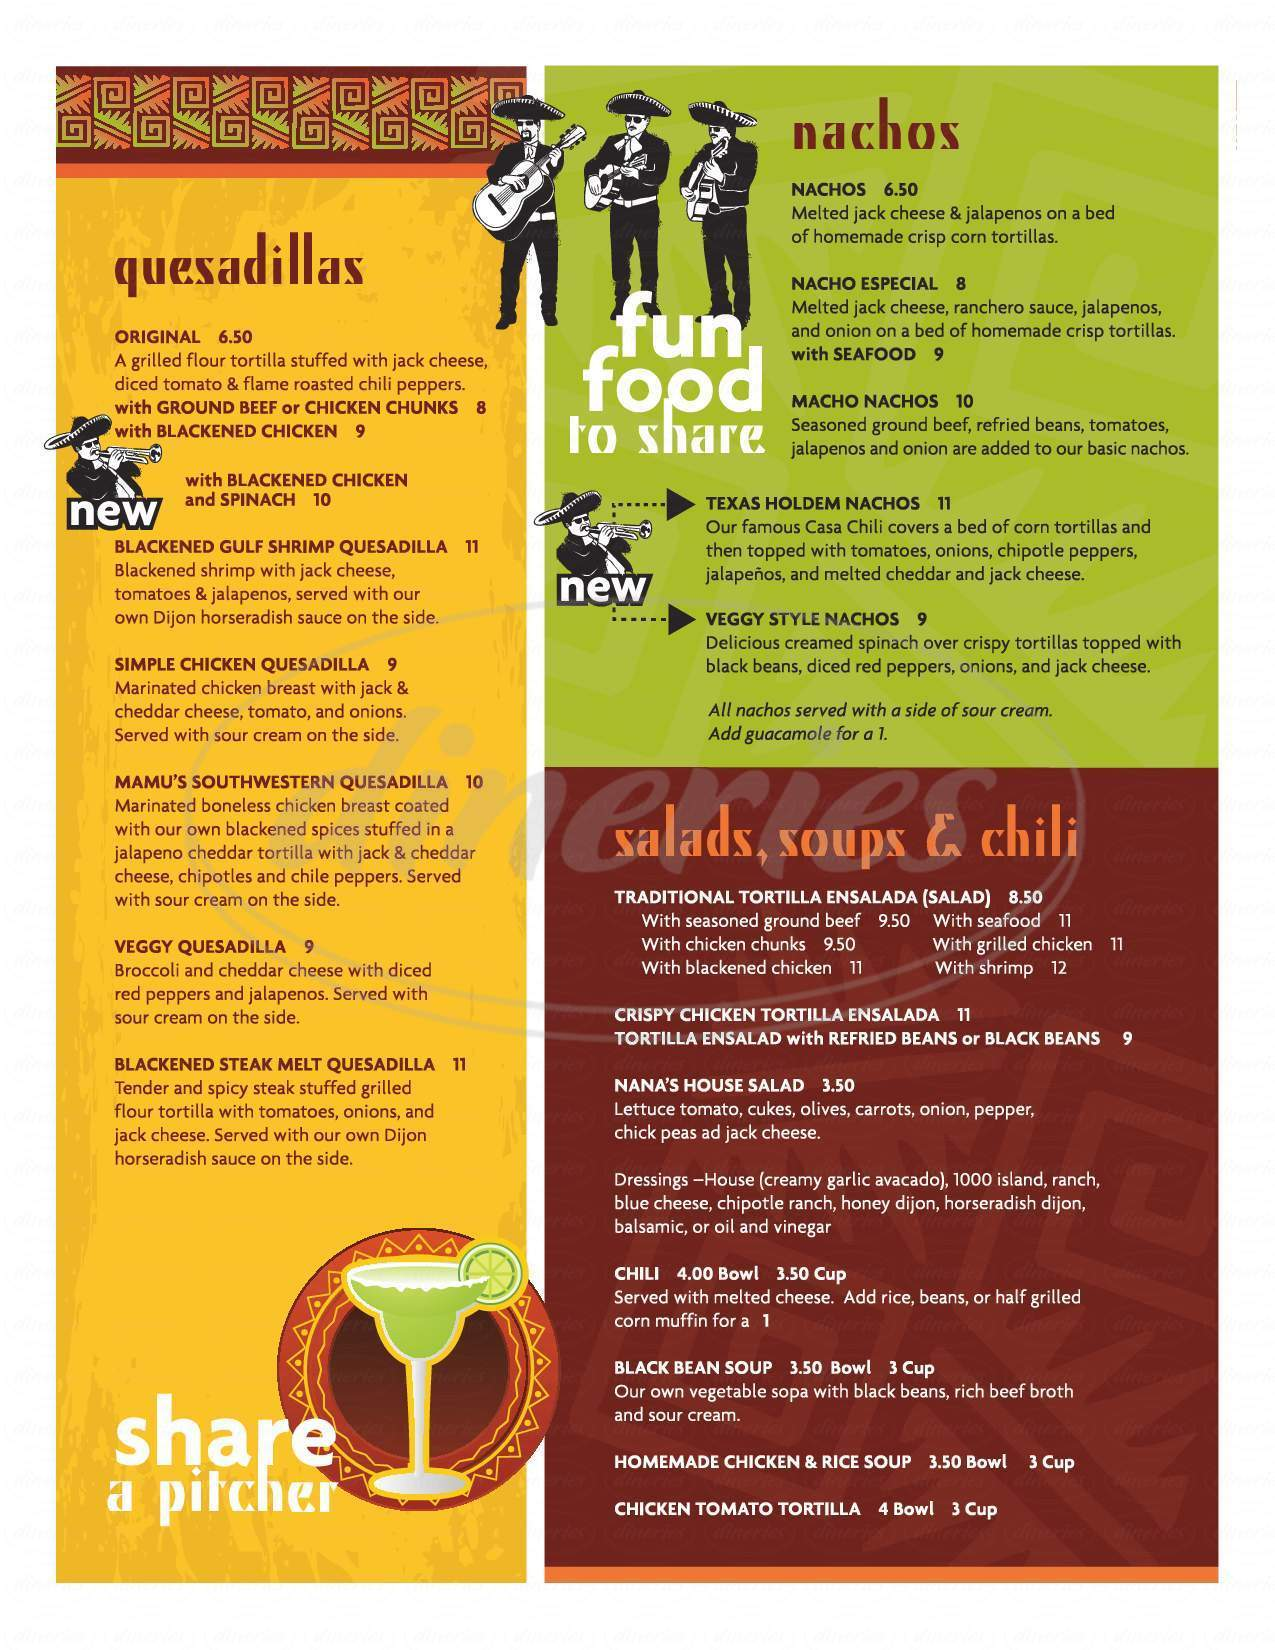 menu for Casa De Nana